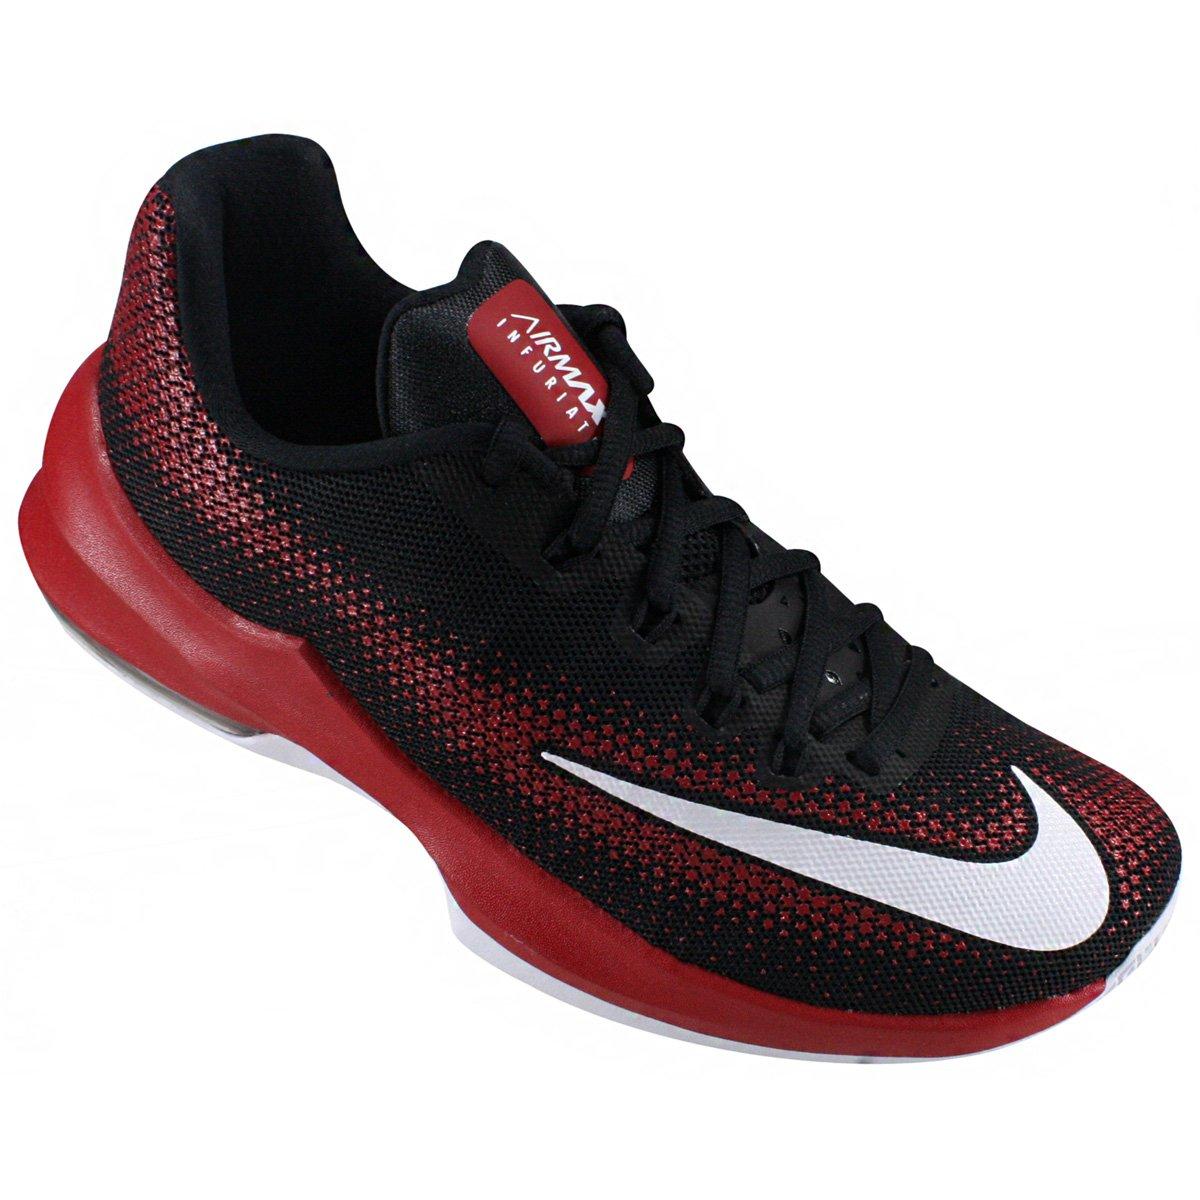 5b3a6d8903 Passe o mouse na imagem para ampliar Ampliar imagem. Tênis Masculino Nike  ...